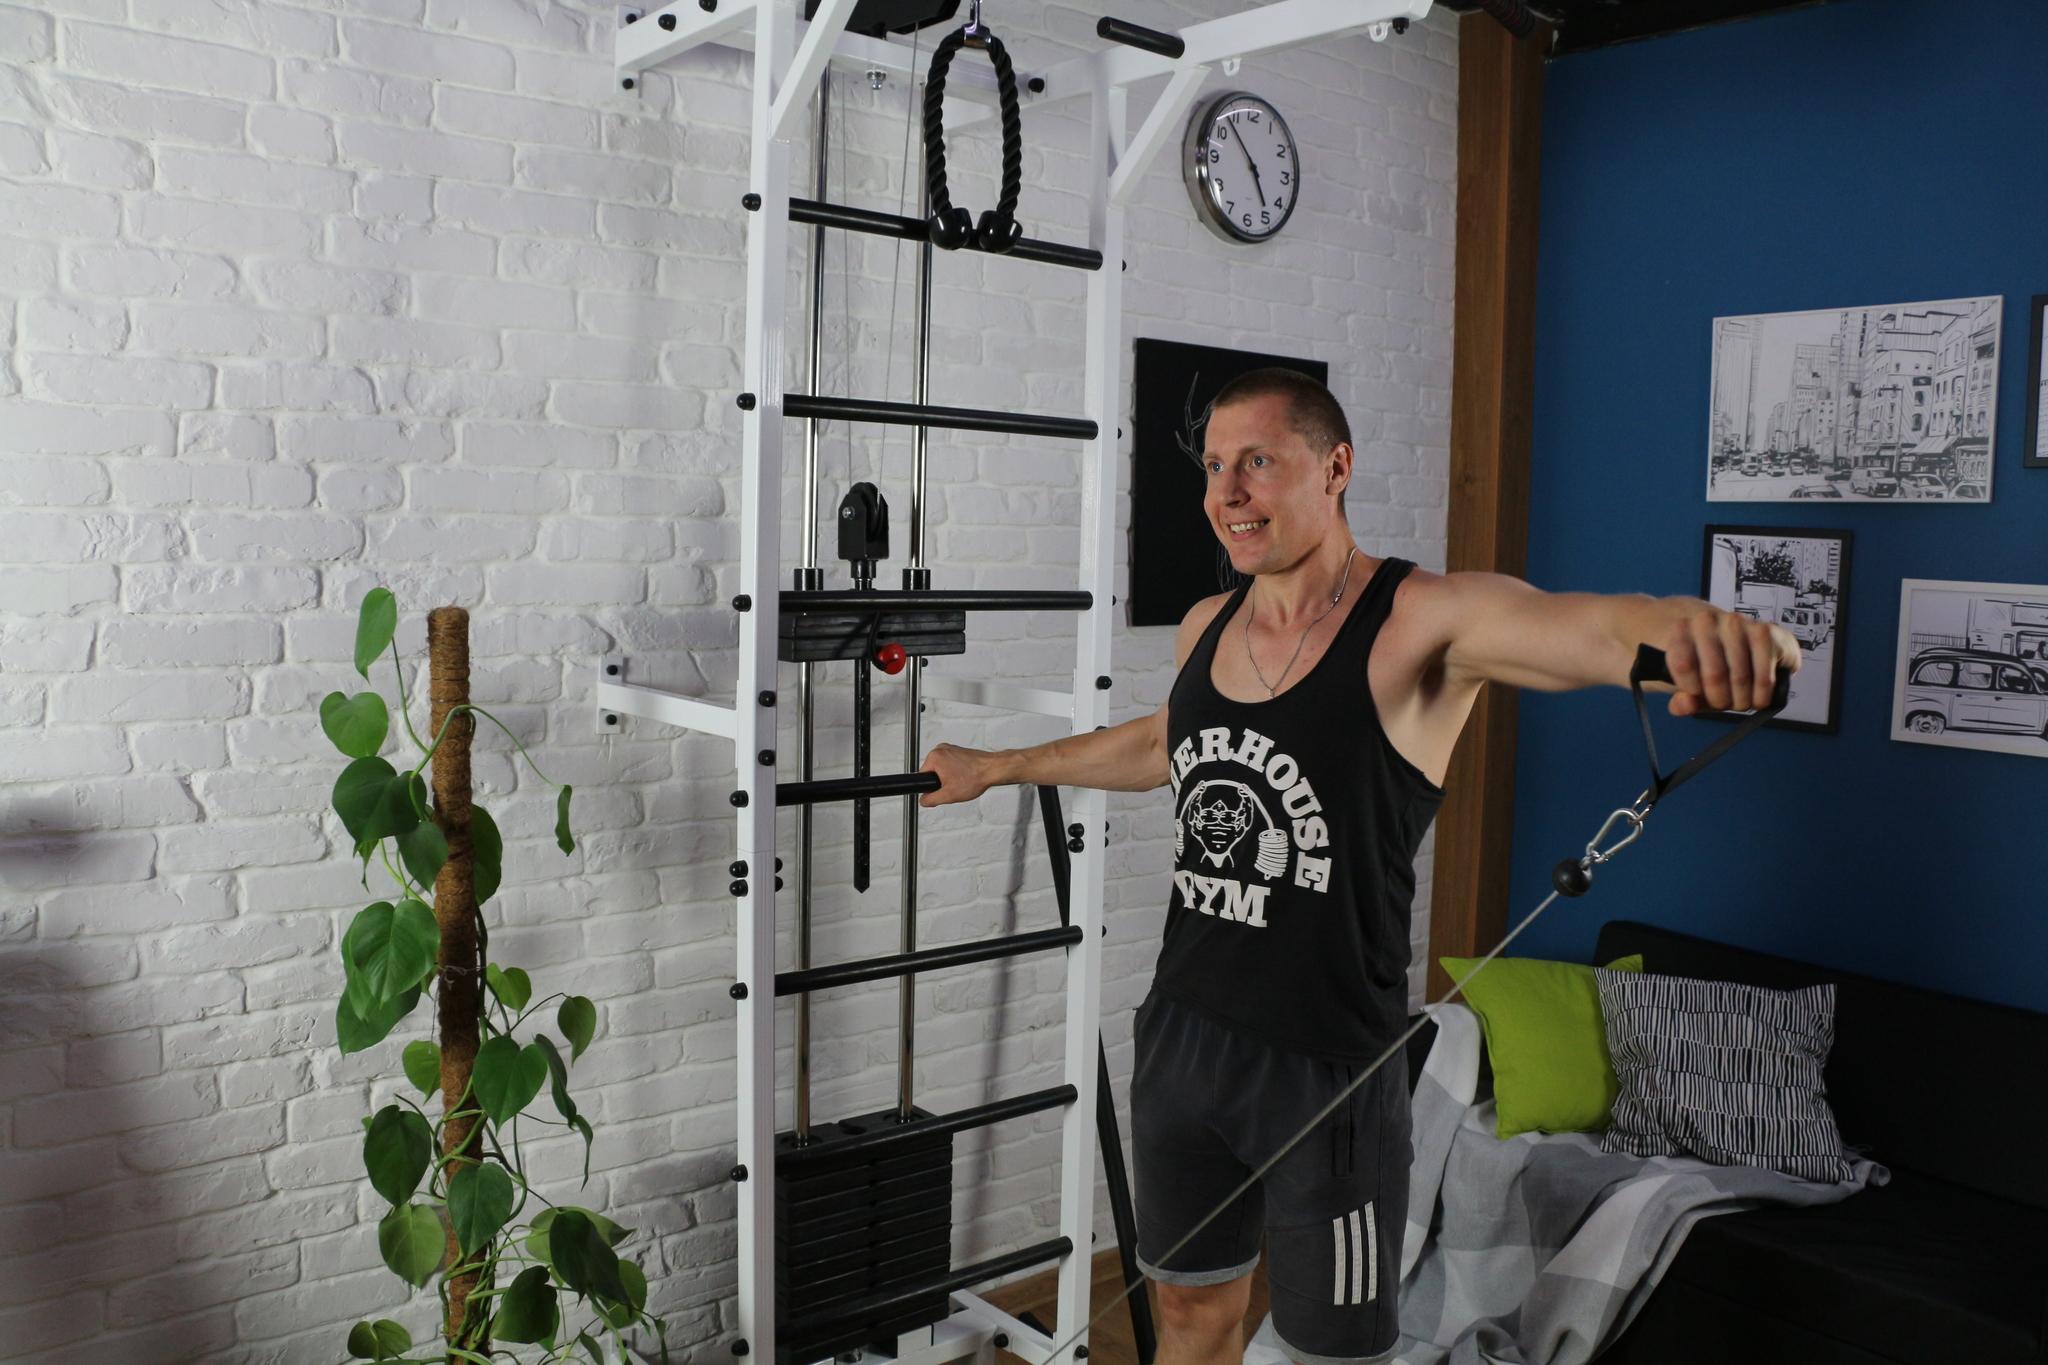 Усиленная шведская стенка с блочным тренажером